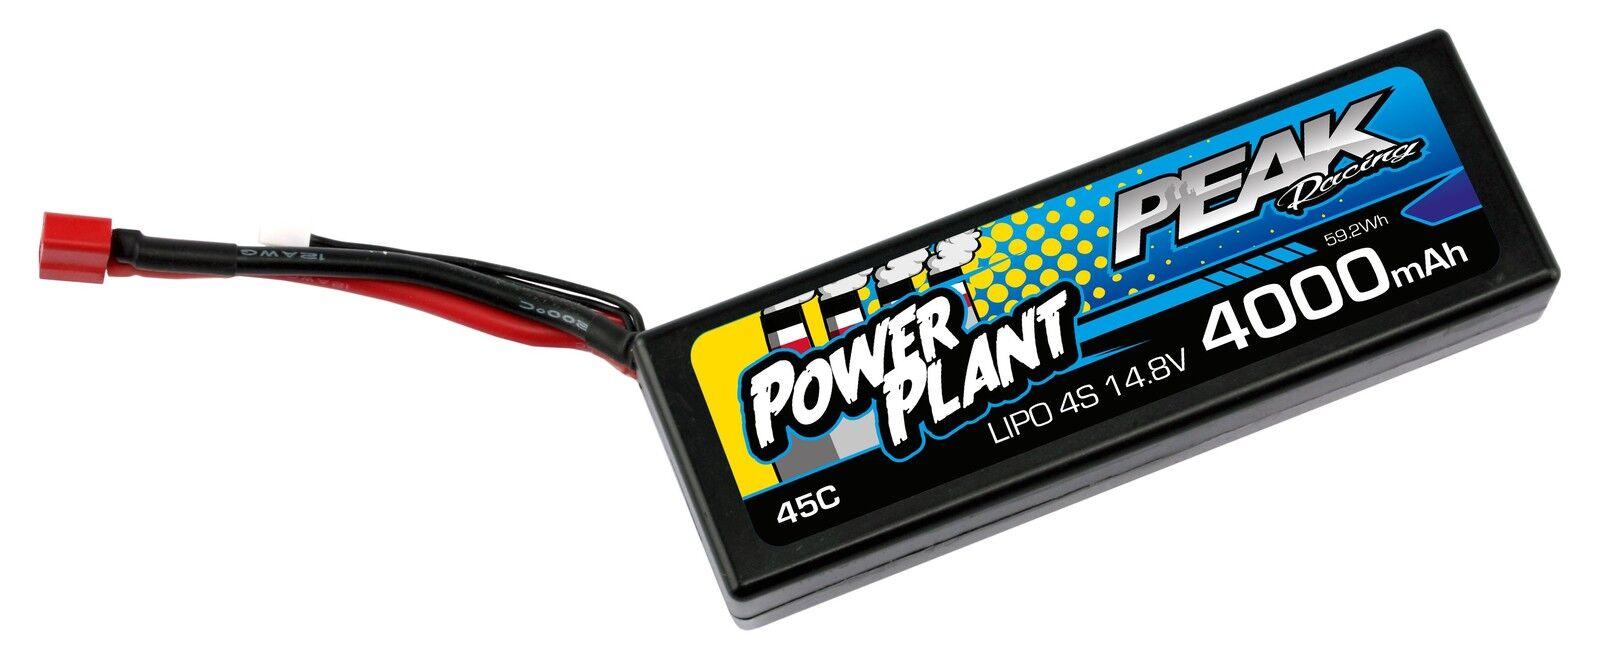 Kyosho Power Plant pek00554 Peak lipo 4s-14.8v-4000-45c - Deans 12awg